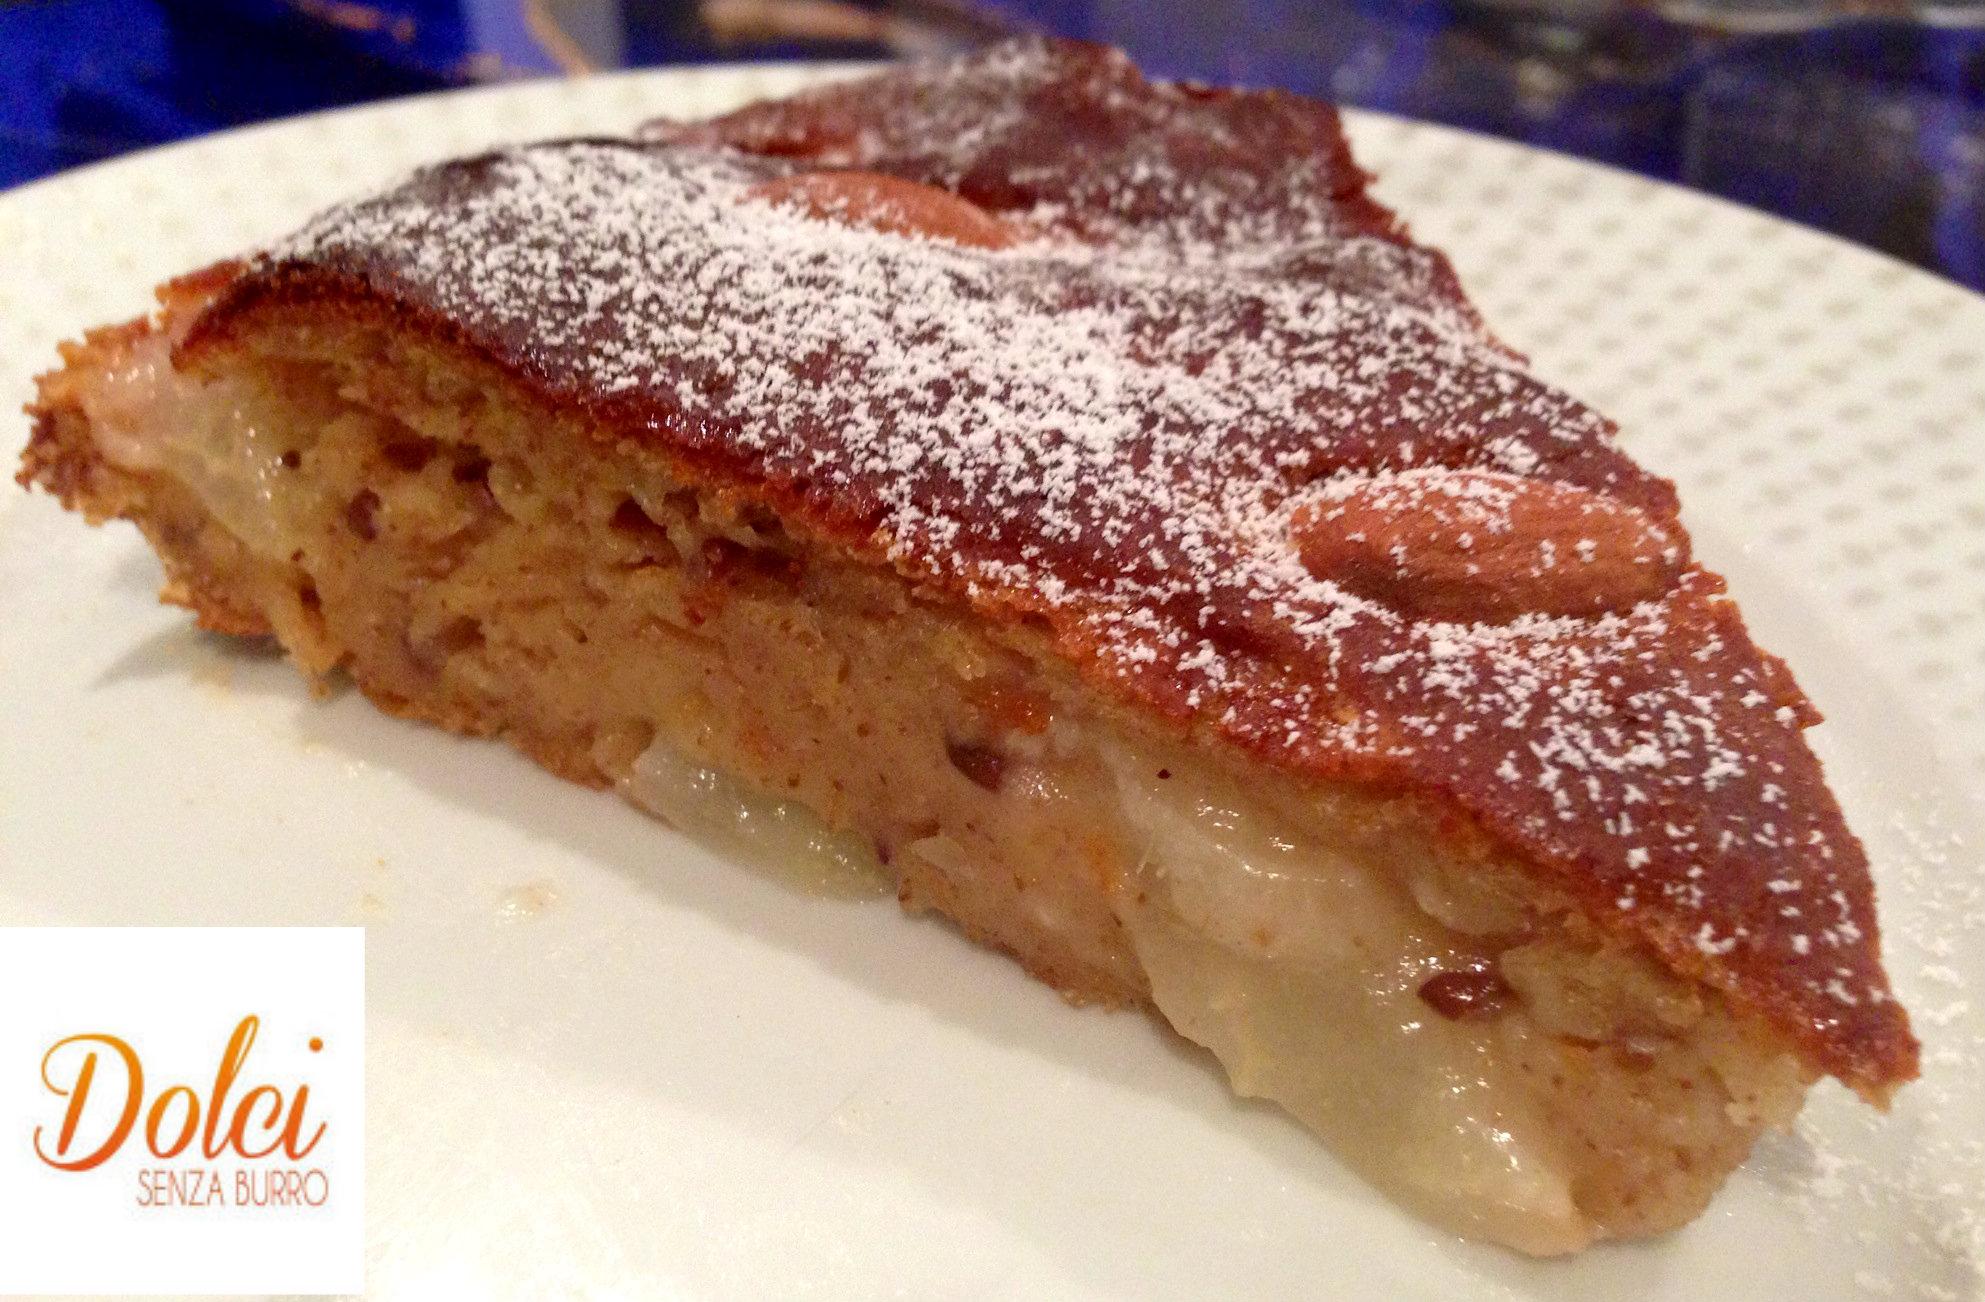 La Torta Senza Burro Pere e Zenzero il dolce senza uova e glutine di dolci senza burro